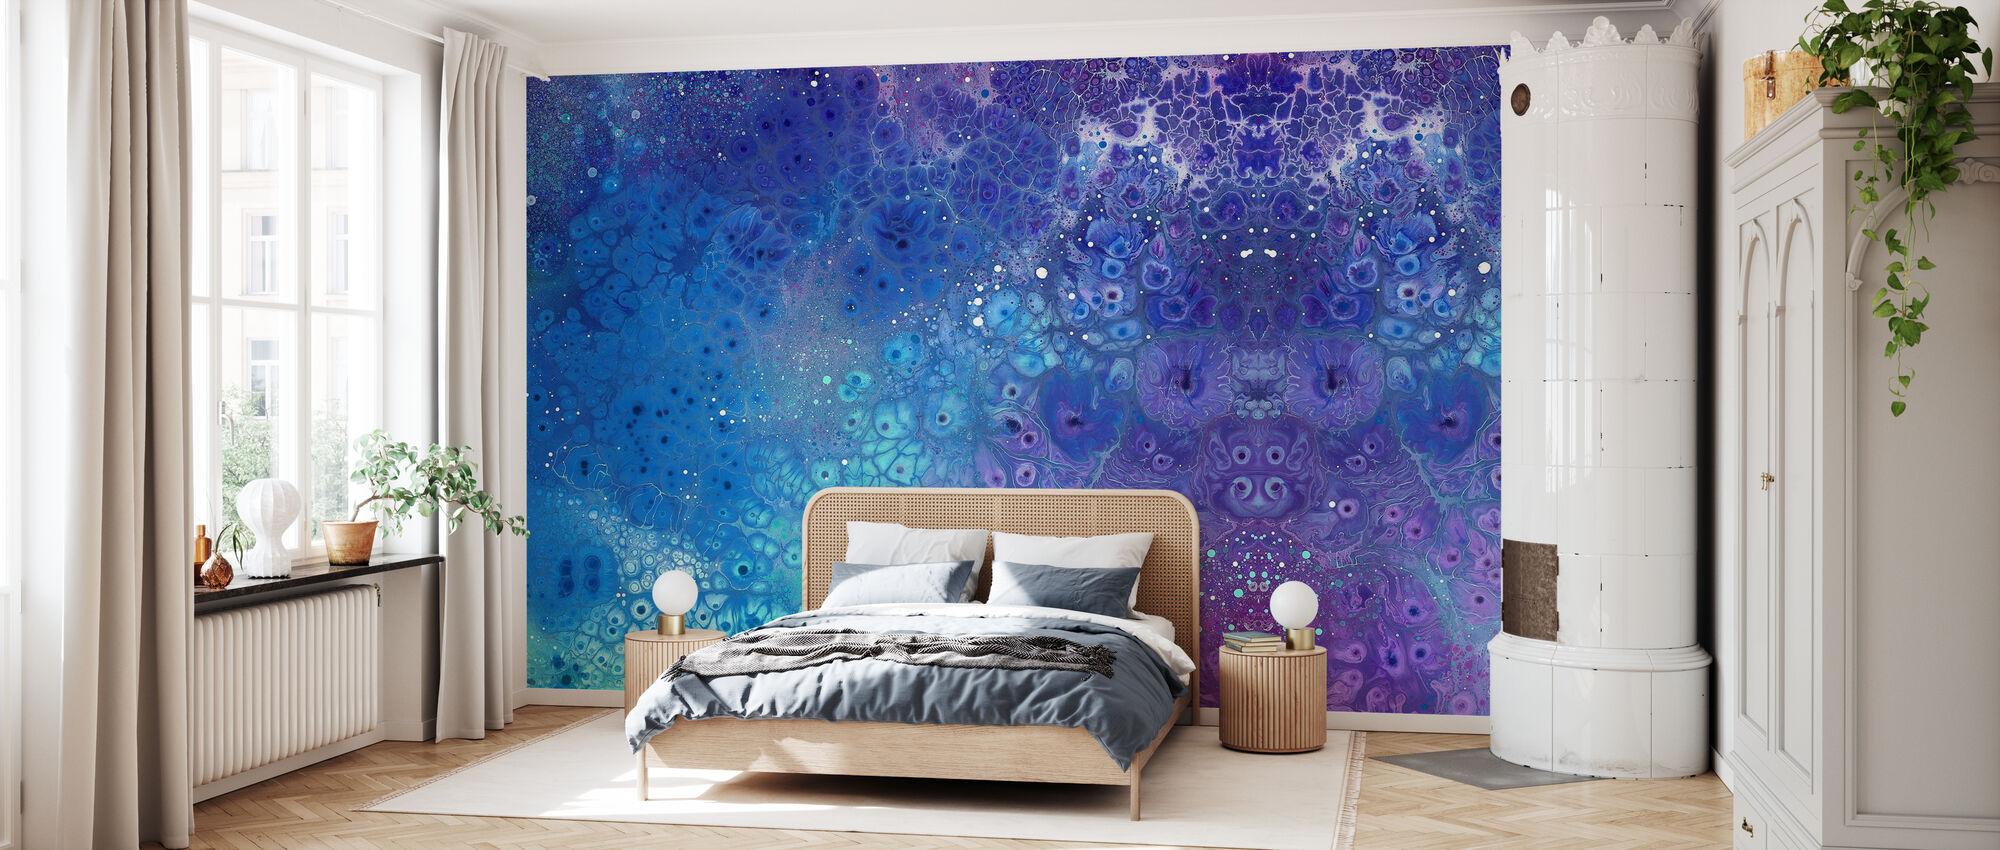 AURA Aquatic - Wallpaper - Bedroom